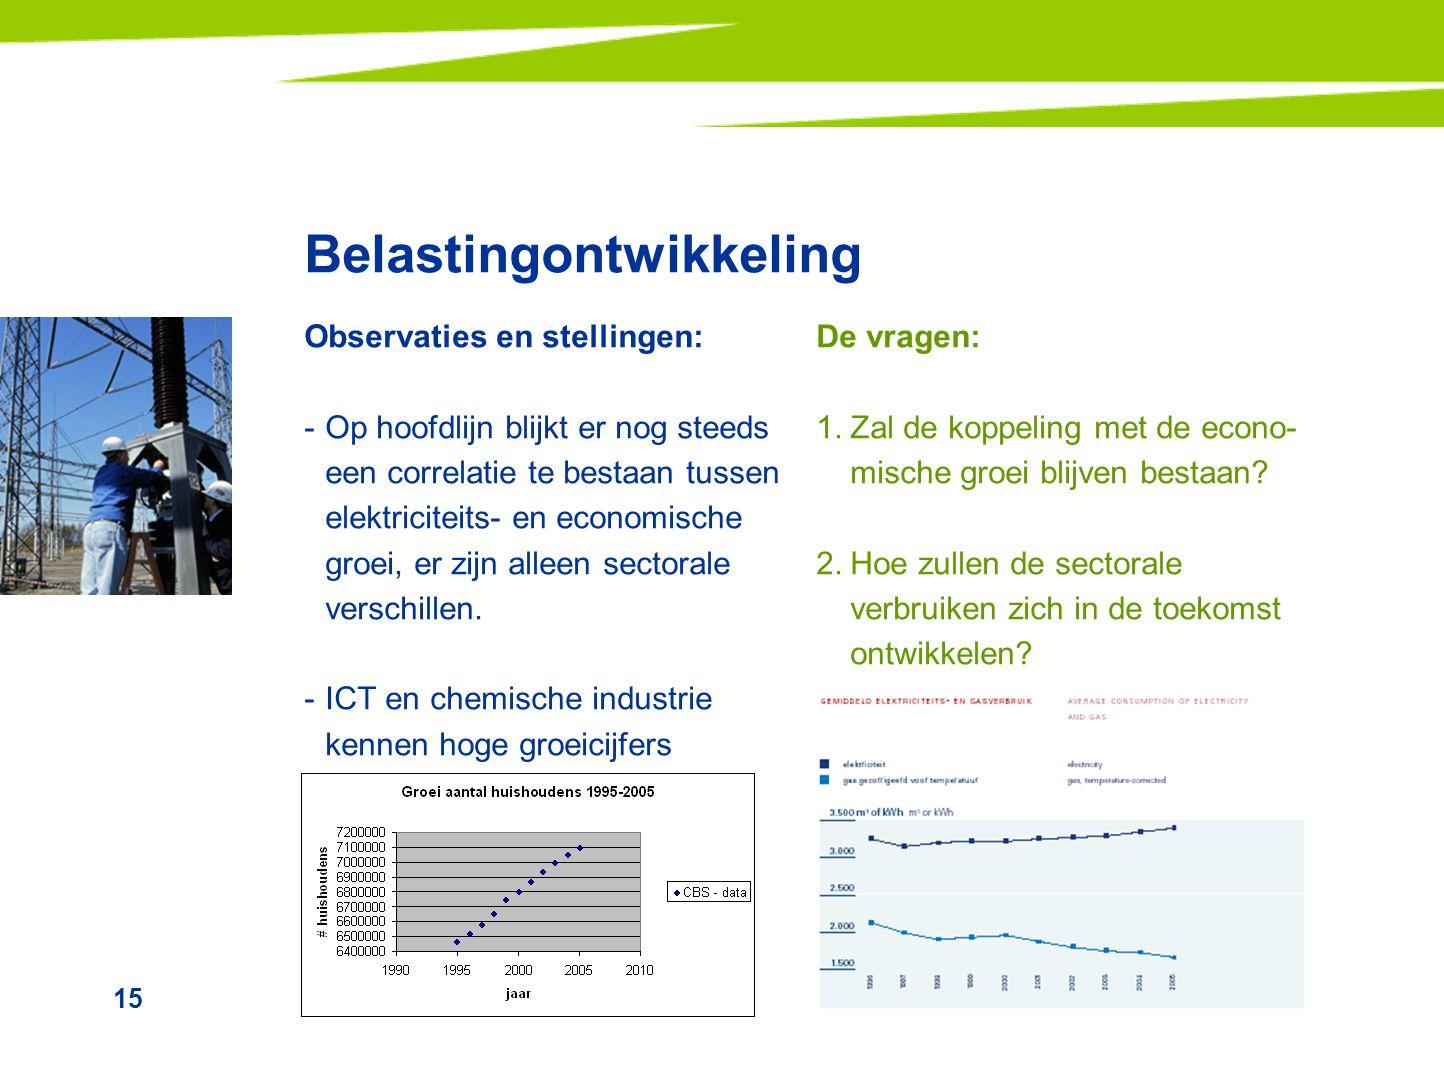 15 Belastingontwikkeling Observaties en stellingen: -Op hoofdlijn blijkt er nog steeds een correlatie te bestaan tussen elektriciteits- en economische